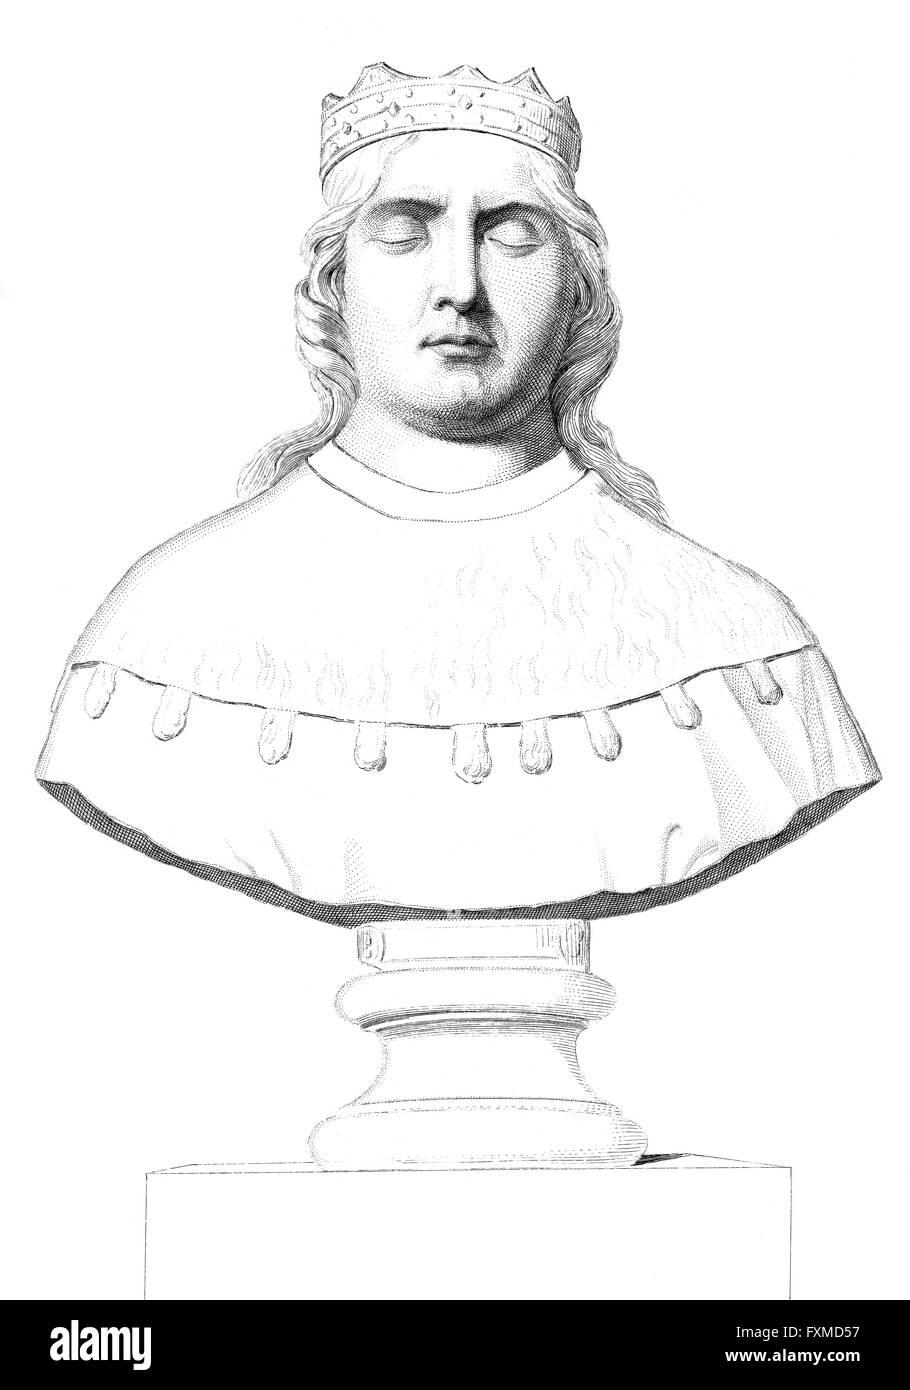 Charles of Orléans, Karl, Herzog von Orléans, 1394-1465, Duke of Orléans and Valois, medieval poet - Stock Image